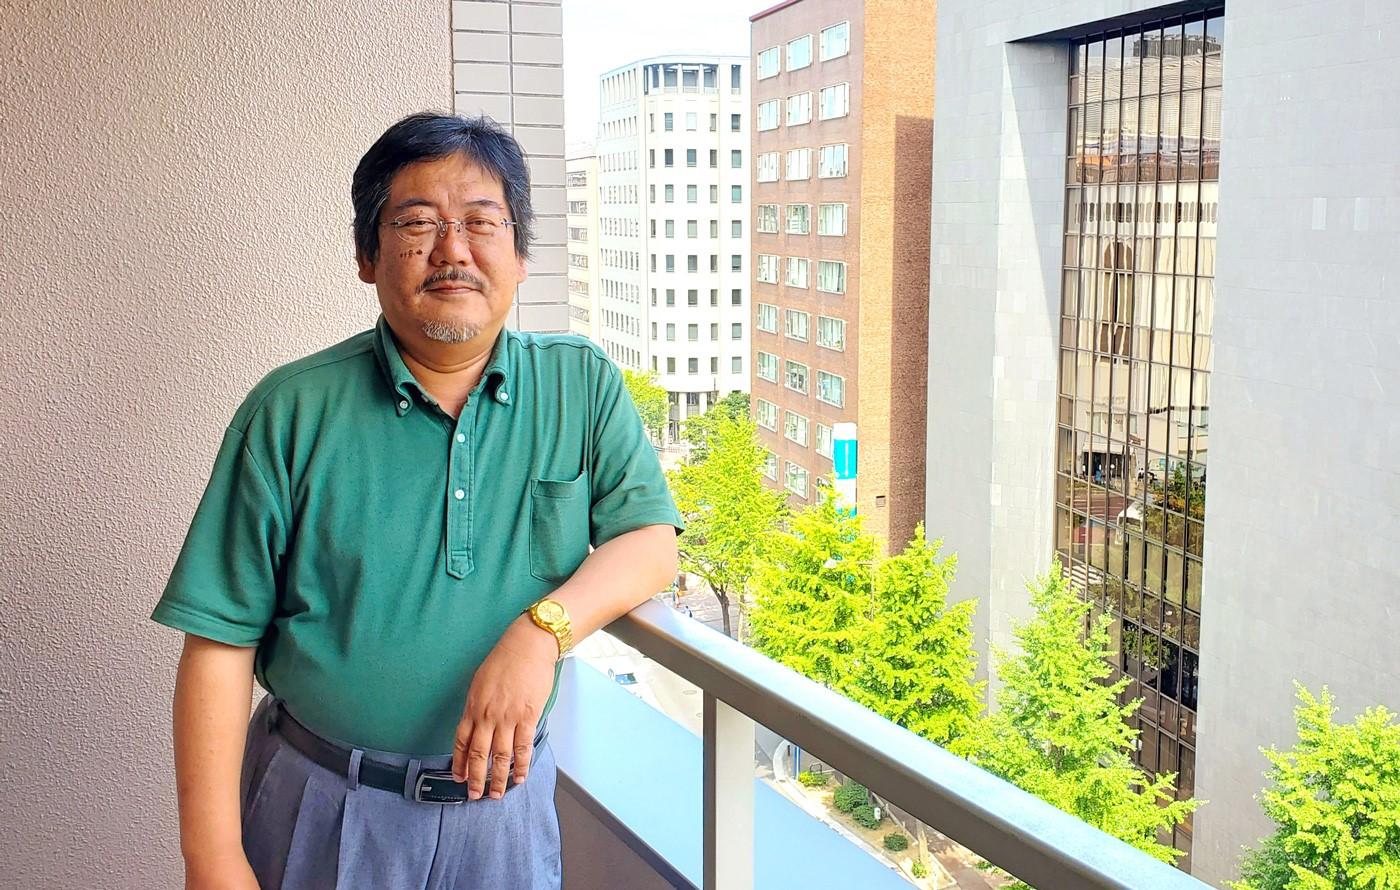 株式会社コム・アンド・コム 代表取締役 安田 実男様